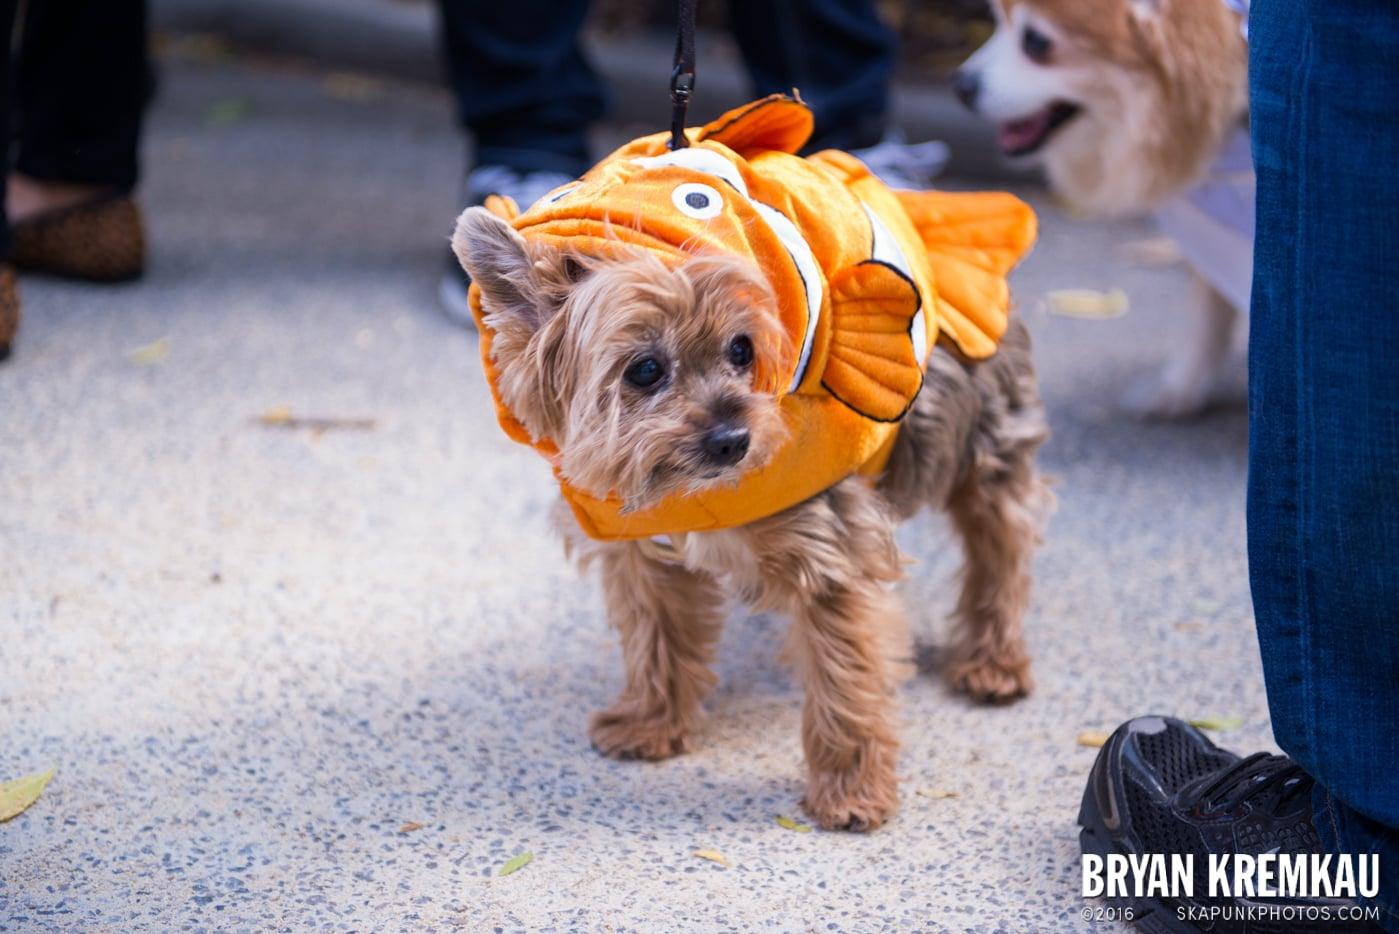 Tompkins Square Halloween Dog Parade 2013 @ Tompkins Square Park, NYC - 10.26.13 (48)